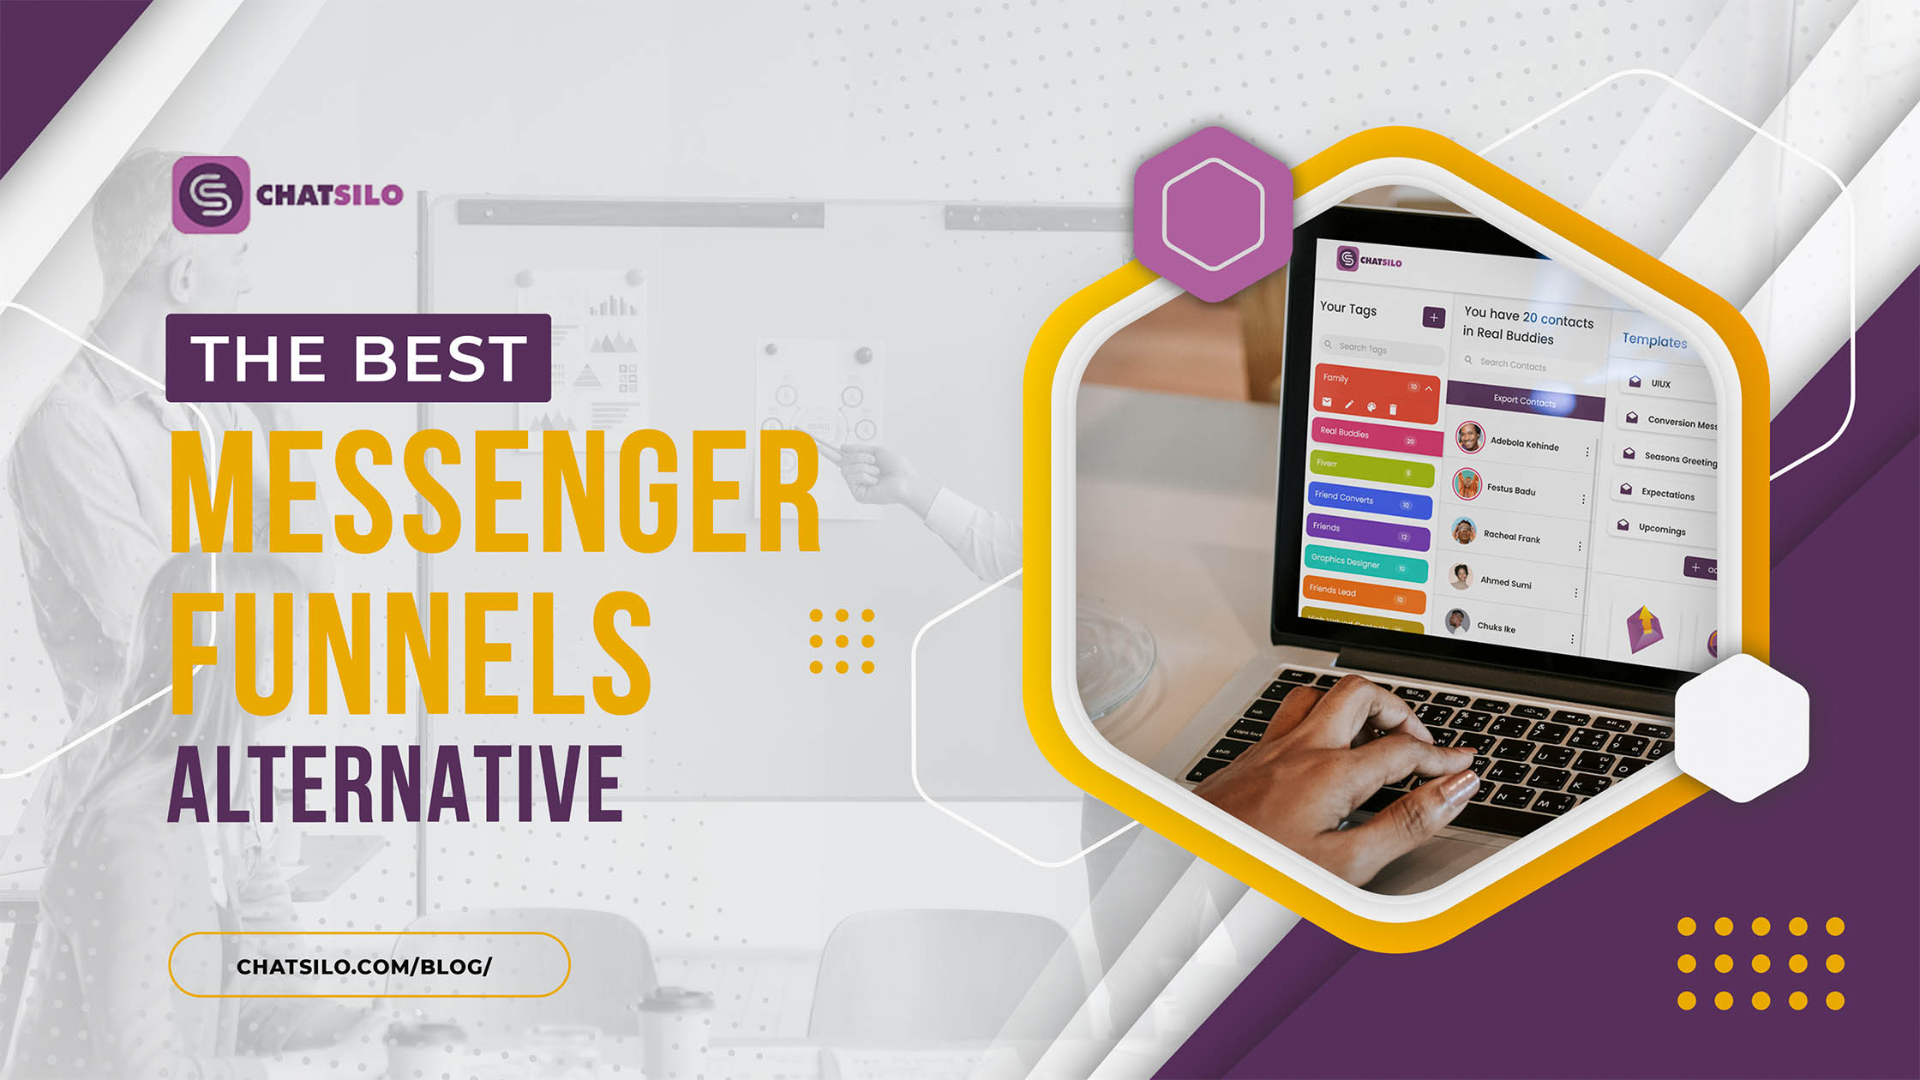 The Best Messenger Funnels Alternative